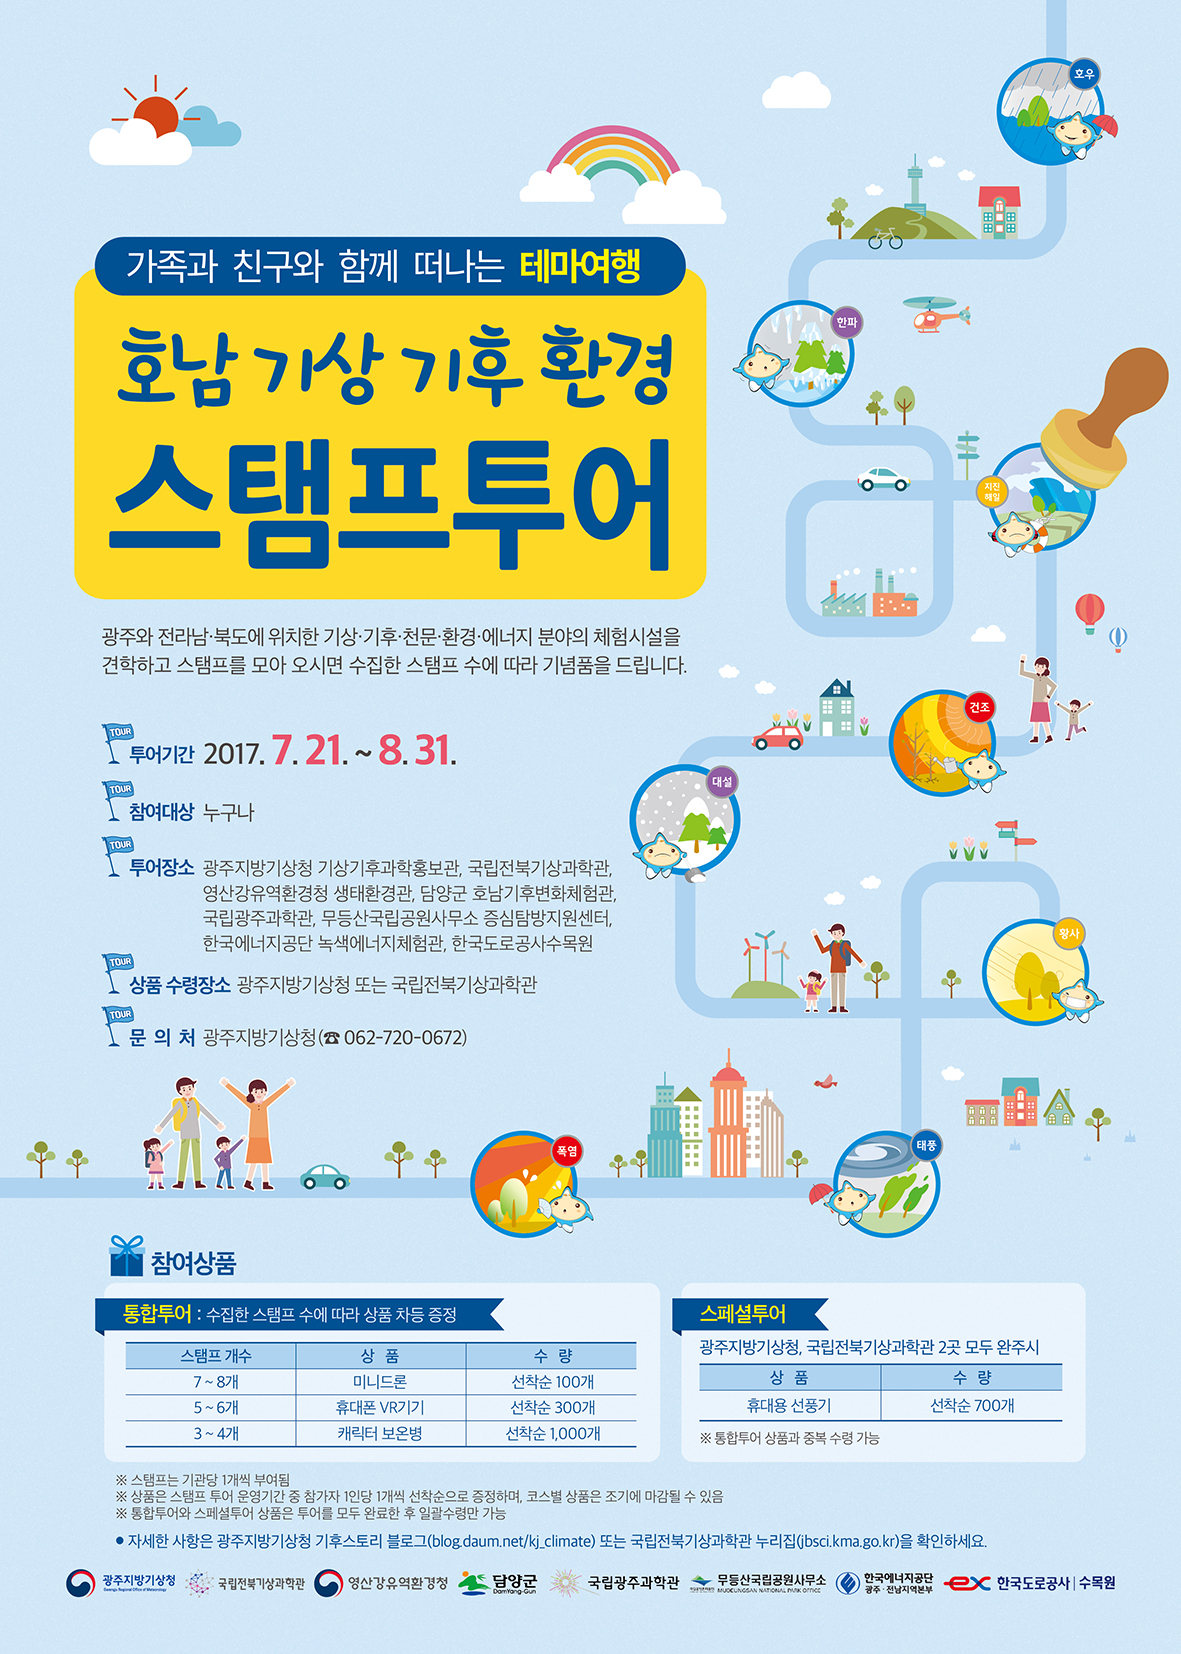 스탬프 투어 홍보 포스터